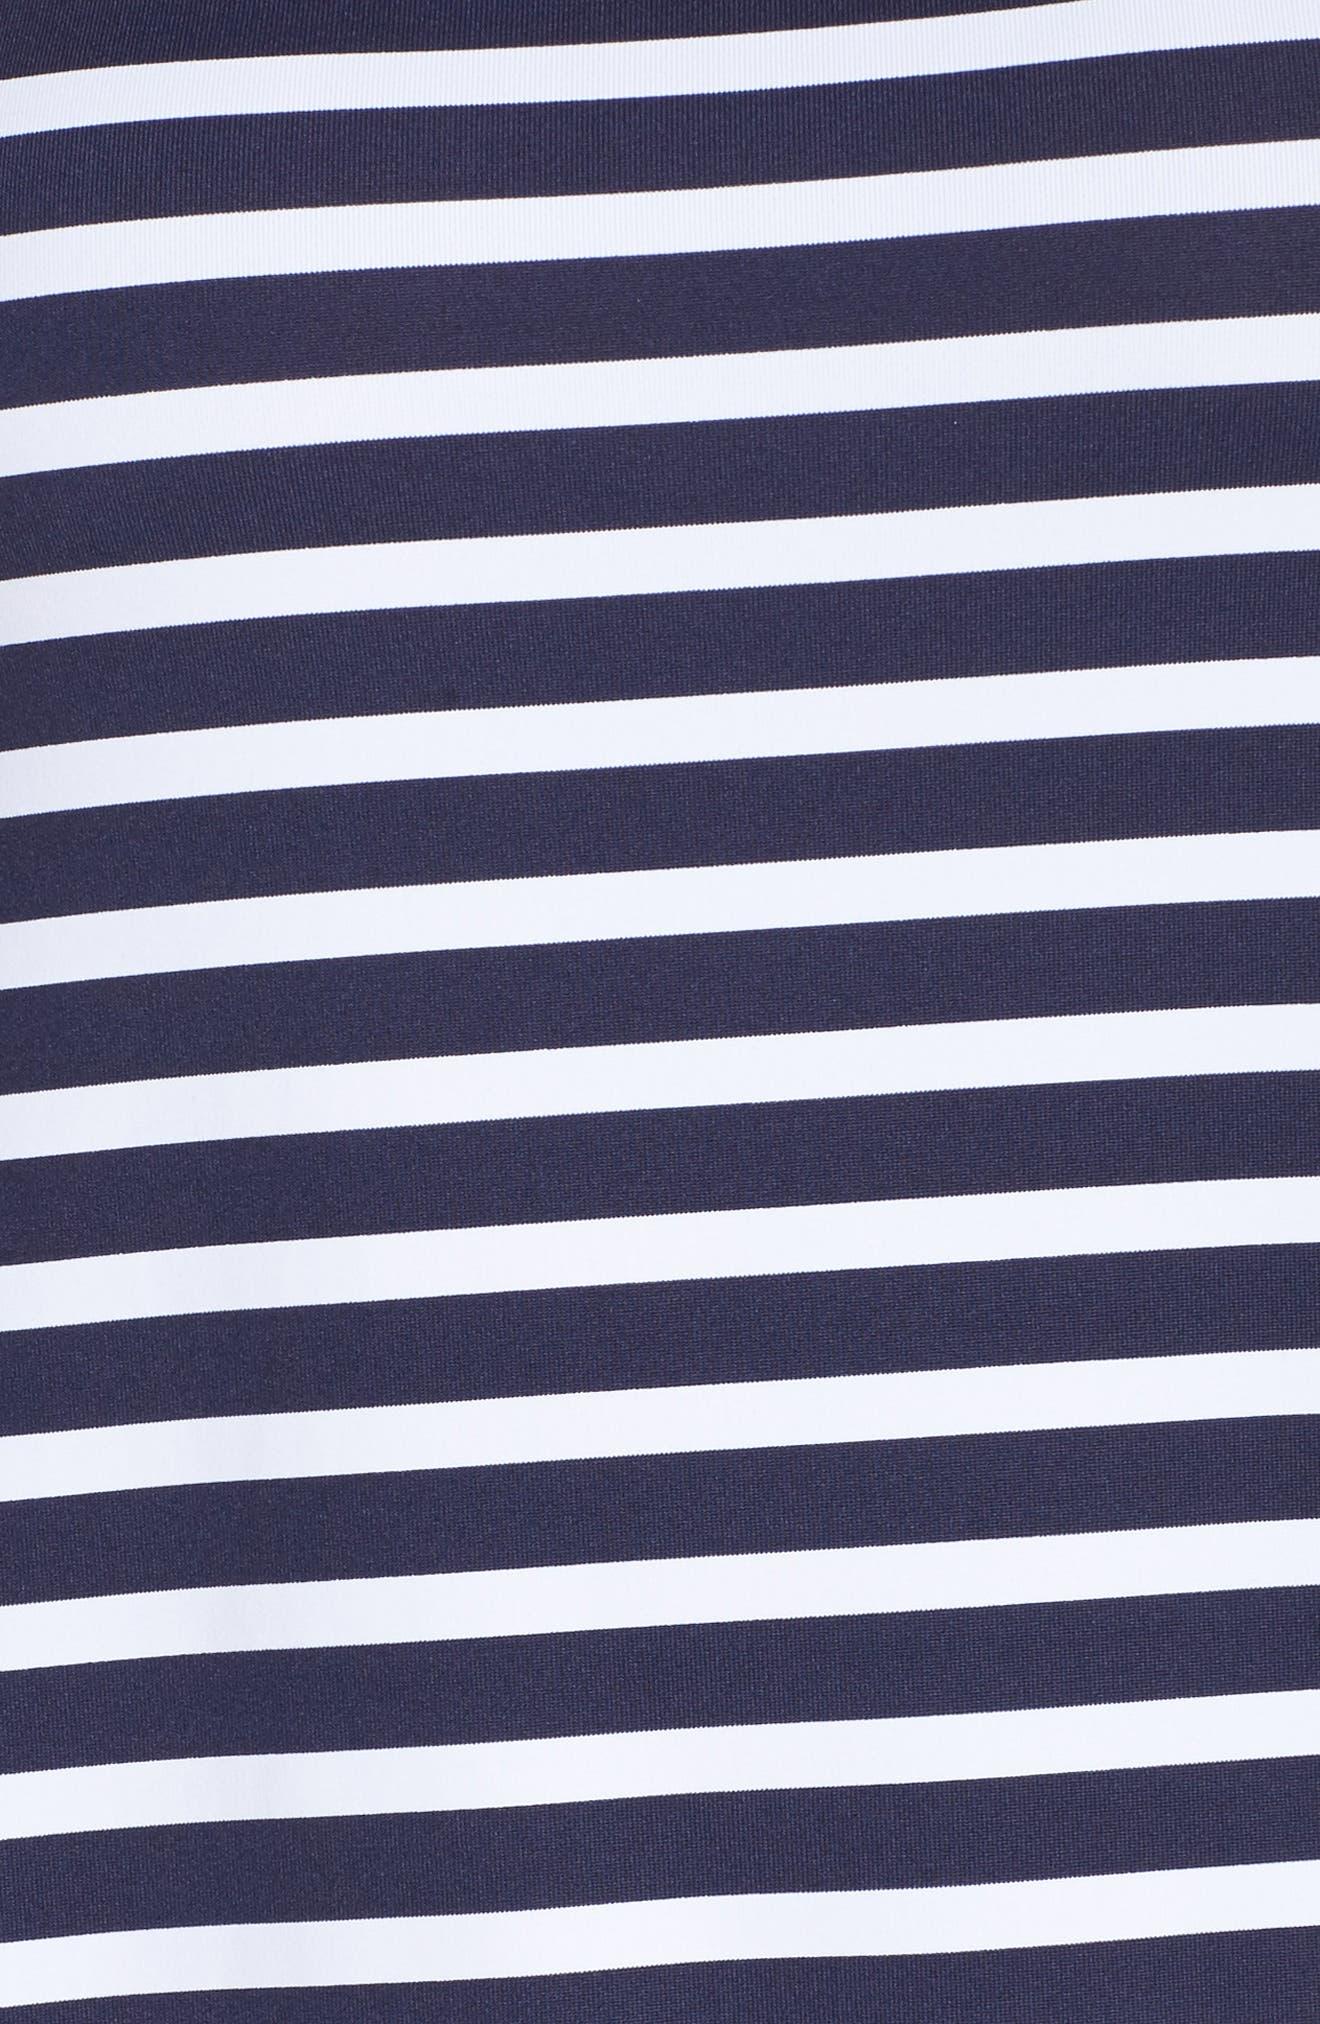 Breton Stripe Cover-Up Dress,                             Alternate thumbnail 5, color,                             MARE NAVY/ WHITE